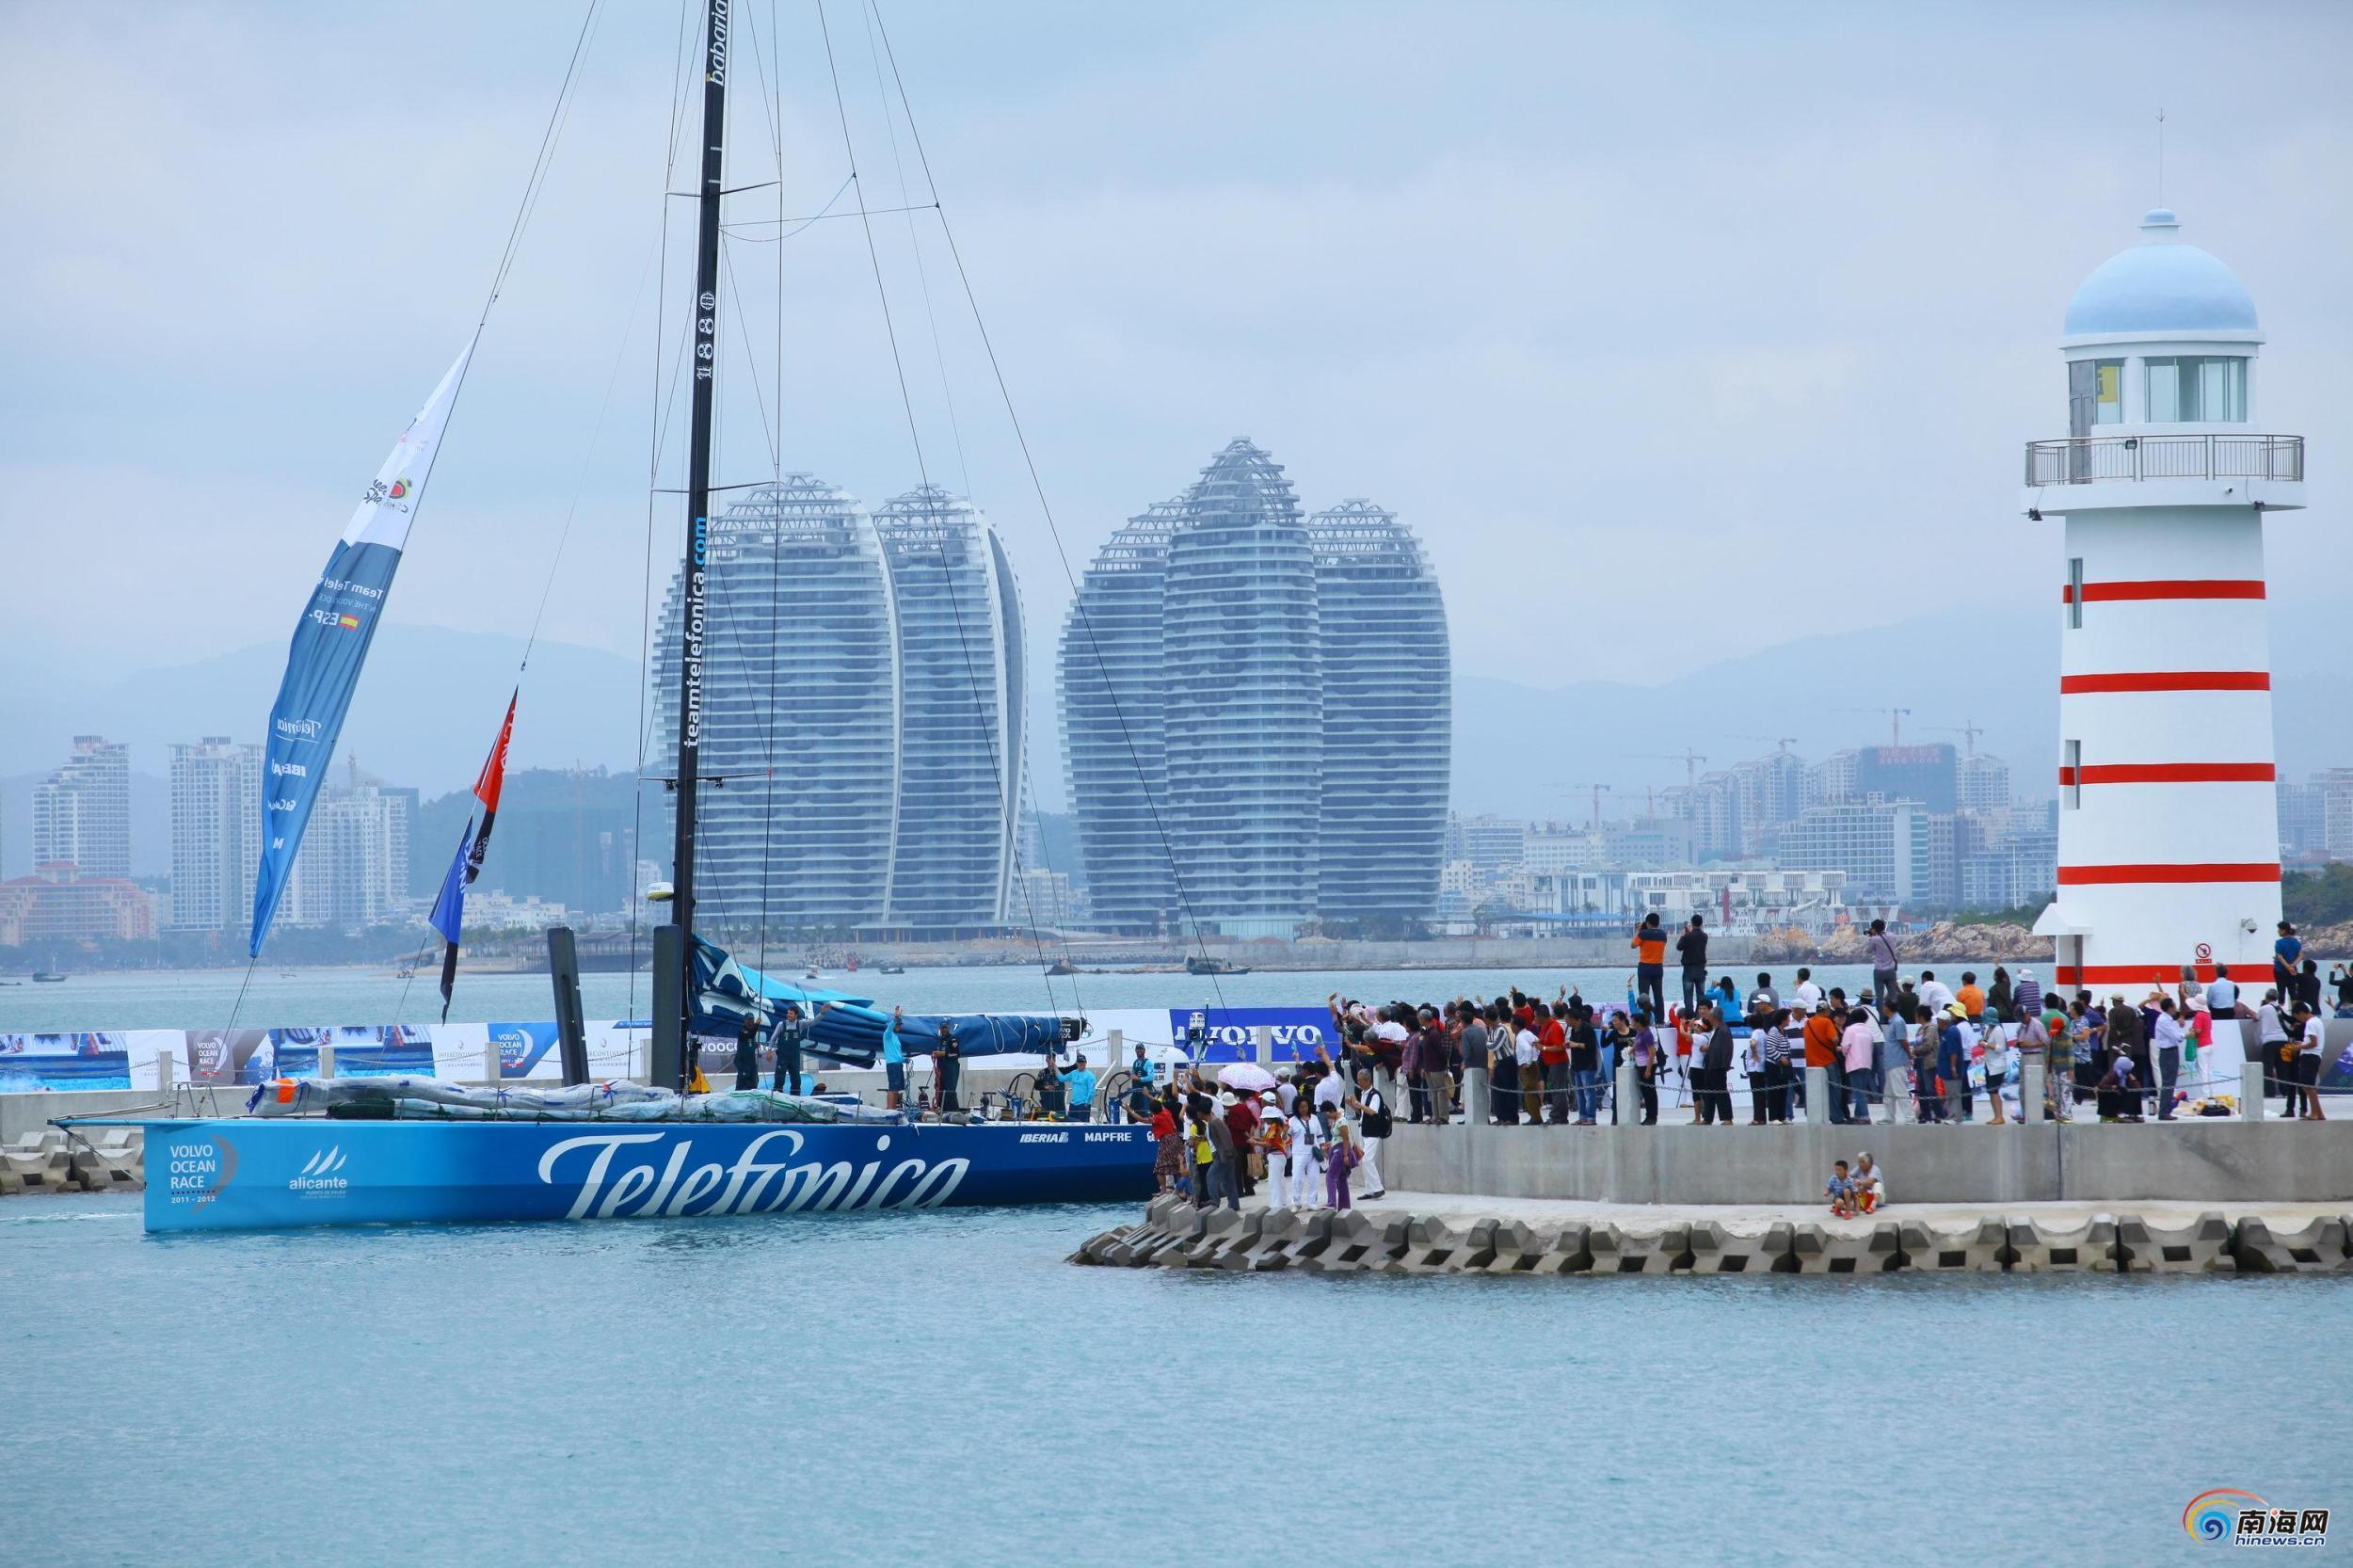 """2012年2月4日,海南三亚半山半岛帆船港,随着西班牙电信号率先抵达三亚港,这标志着2011—2012沃尔沃环球帆船赛三亚站赛事活动正式拉 开序幕。当天,近万名观众共同目睹了各位勇士的到来。参加此次比赛的队伍包括安盟队、阿布扎比队、彪马队、看步 · 新西兰酋长队、西 班牙电信队和三亚队,其中的五支船只于4日陆续抵达三亚,预计三亚队也将于明天早上抵达。   据了解,作为世界顶级航海赛事,沃尔沃环球帆船赛被誉为""""航海界的珠穆朗玛峰"""",而业内人士更愿意称之为"""